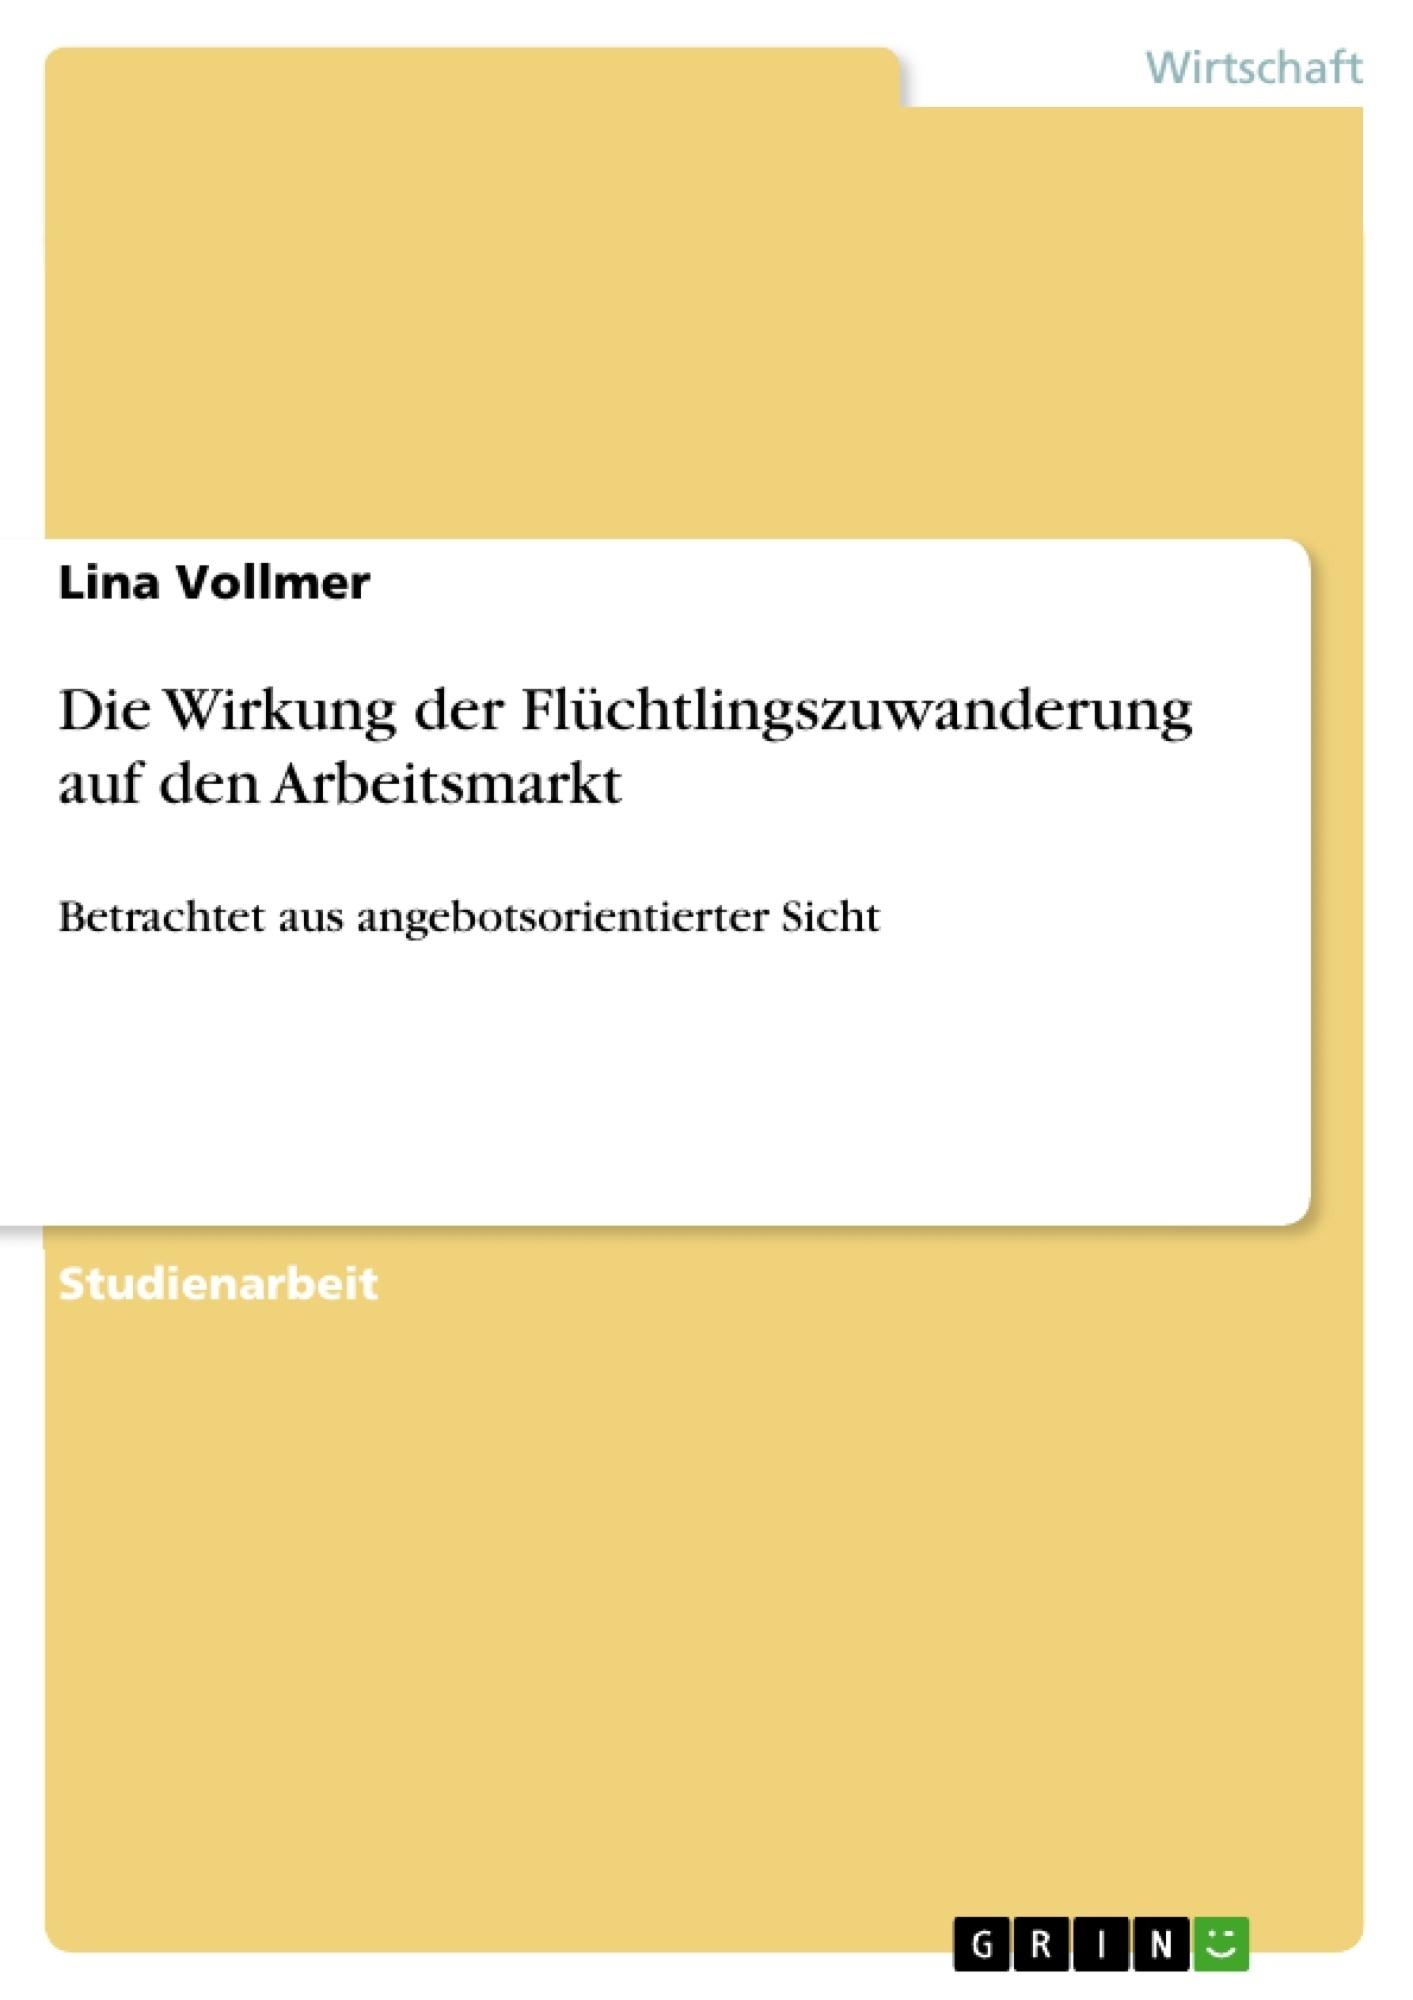 Titel: Die Wirkung der Flüchtlingszuwanderung auf den Arbeitsmarkt